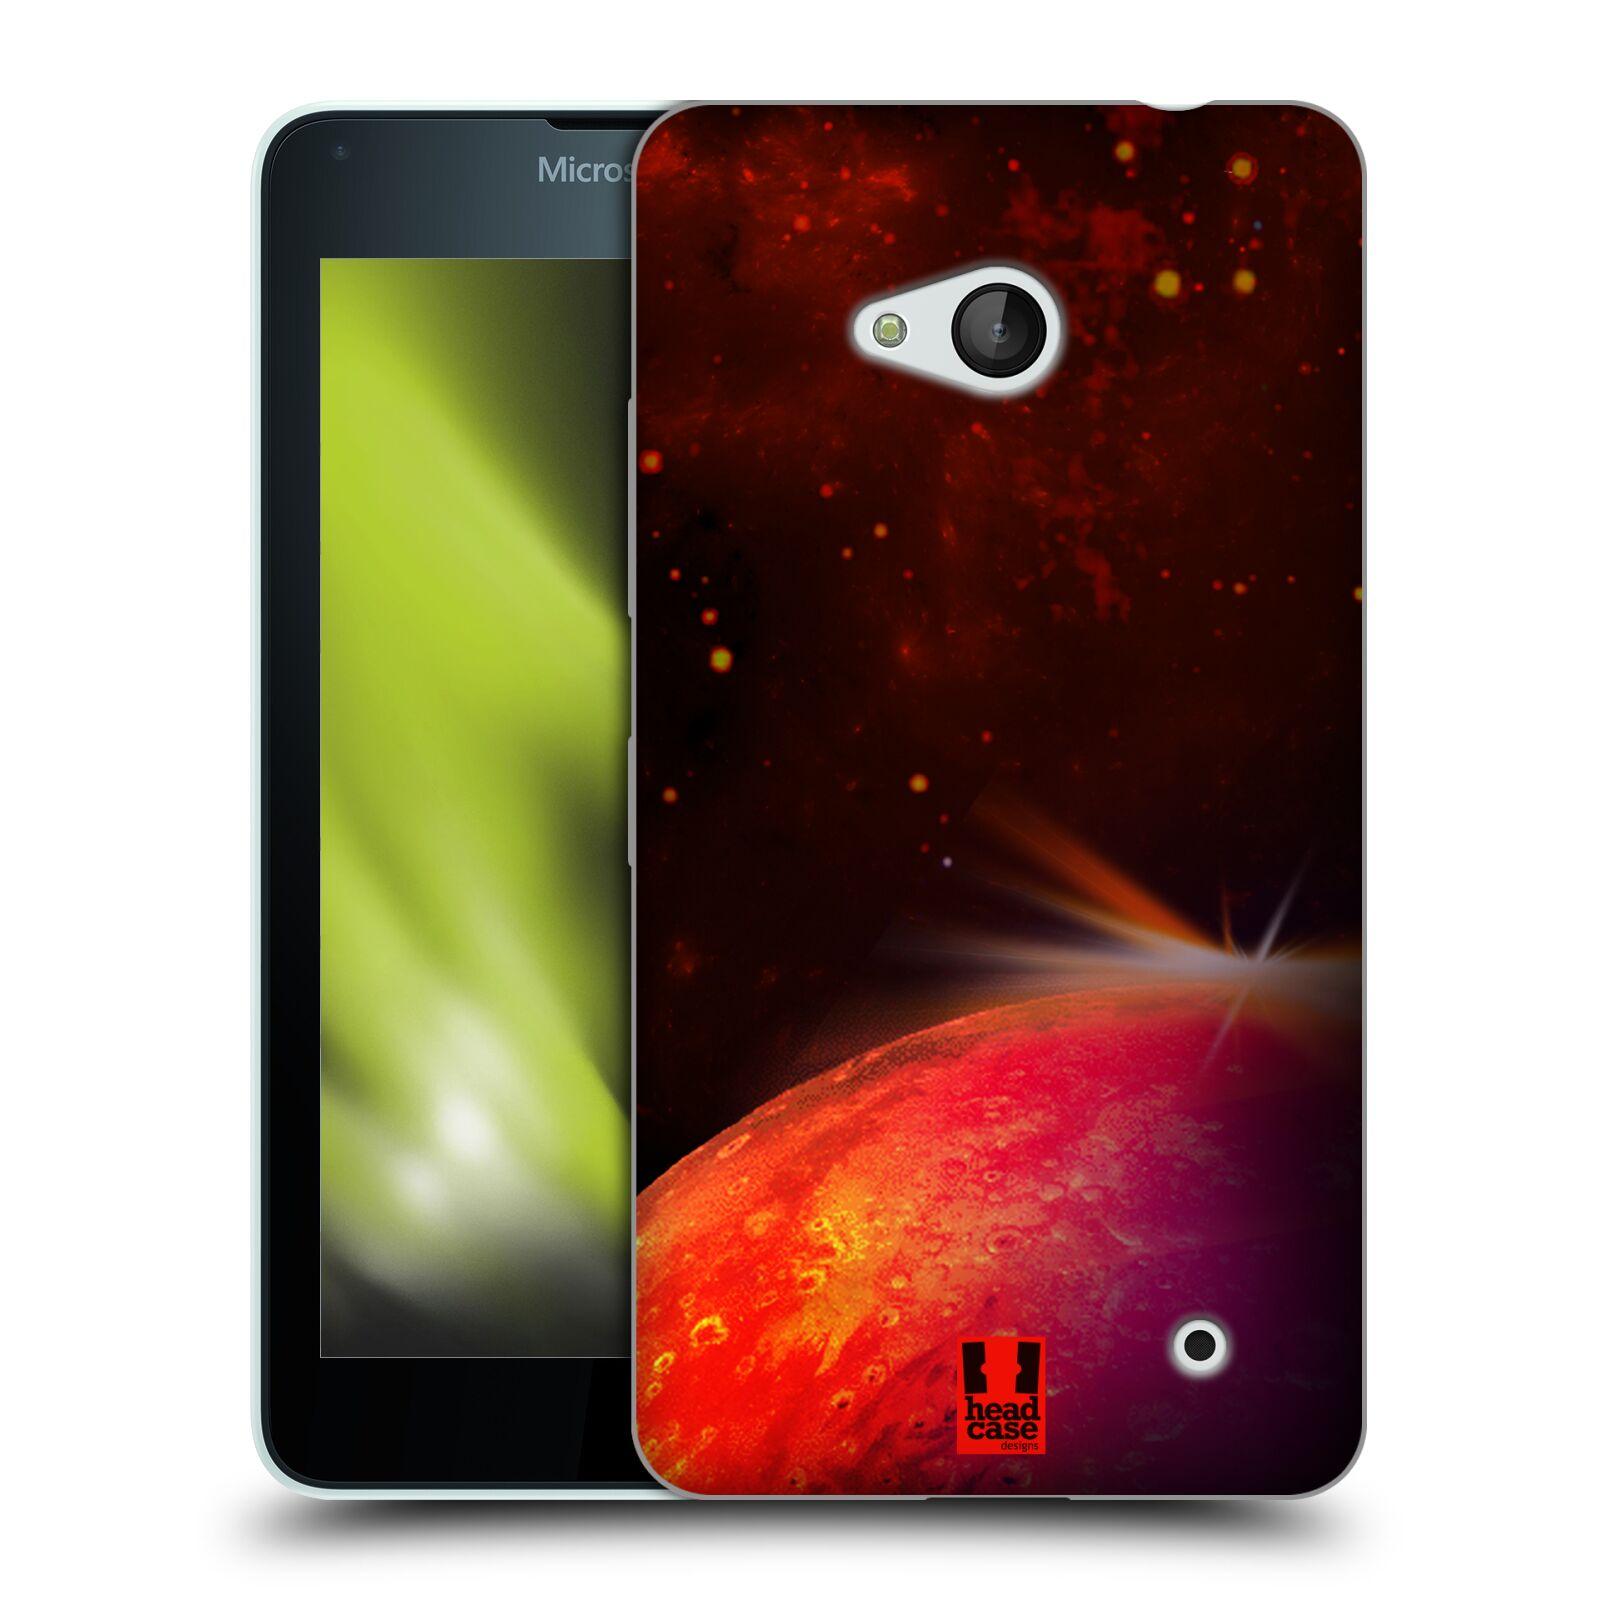 HEAD CASE silikonový obal na mobil Microsoft / Nokia Lumia 640 / Lumia 640 DUAL vzor Vesmírná krása MARS RUDÁ PLANETA